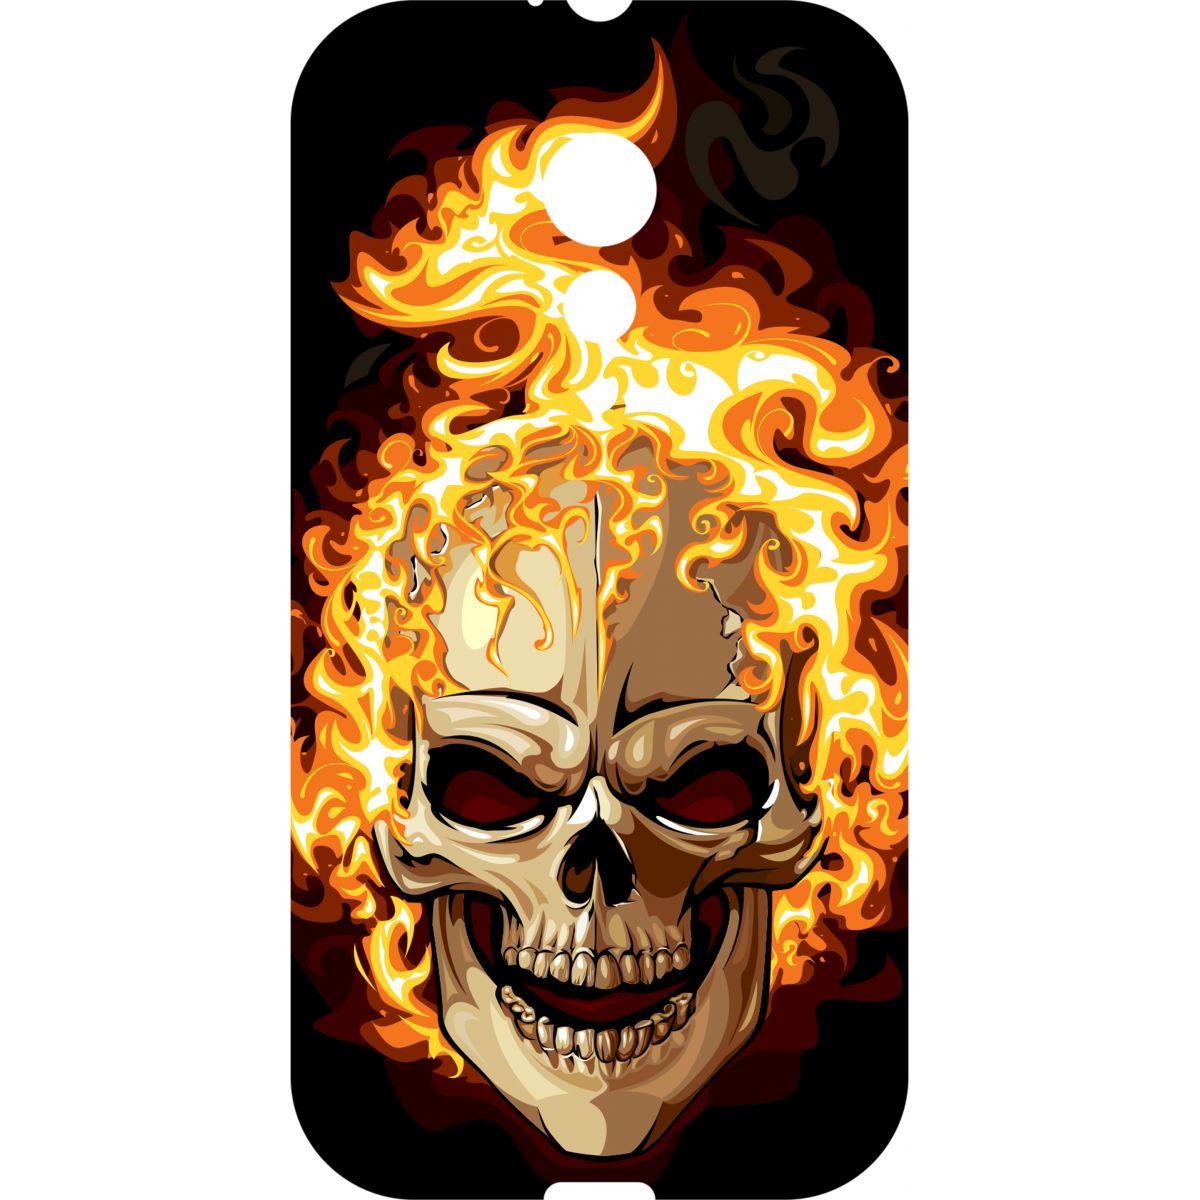 Capa Personalizada para Motorola Moto G2 Xt1069 Xt1068 - MS55